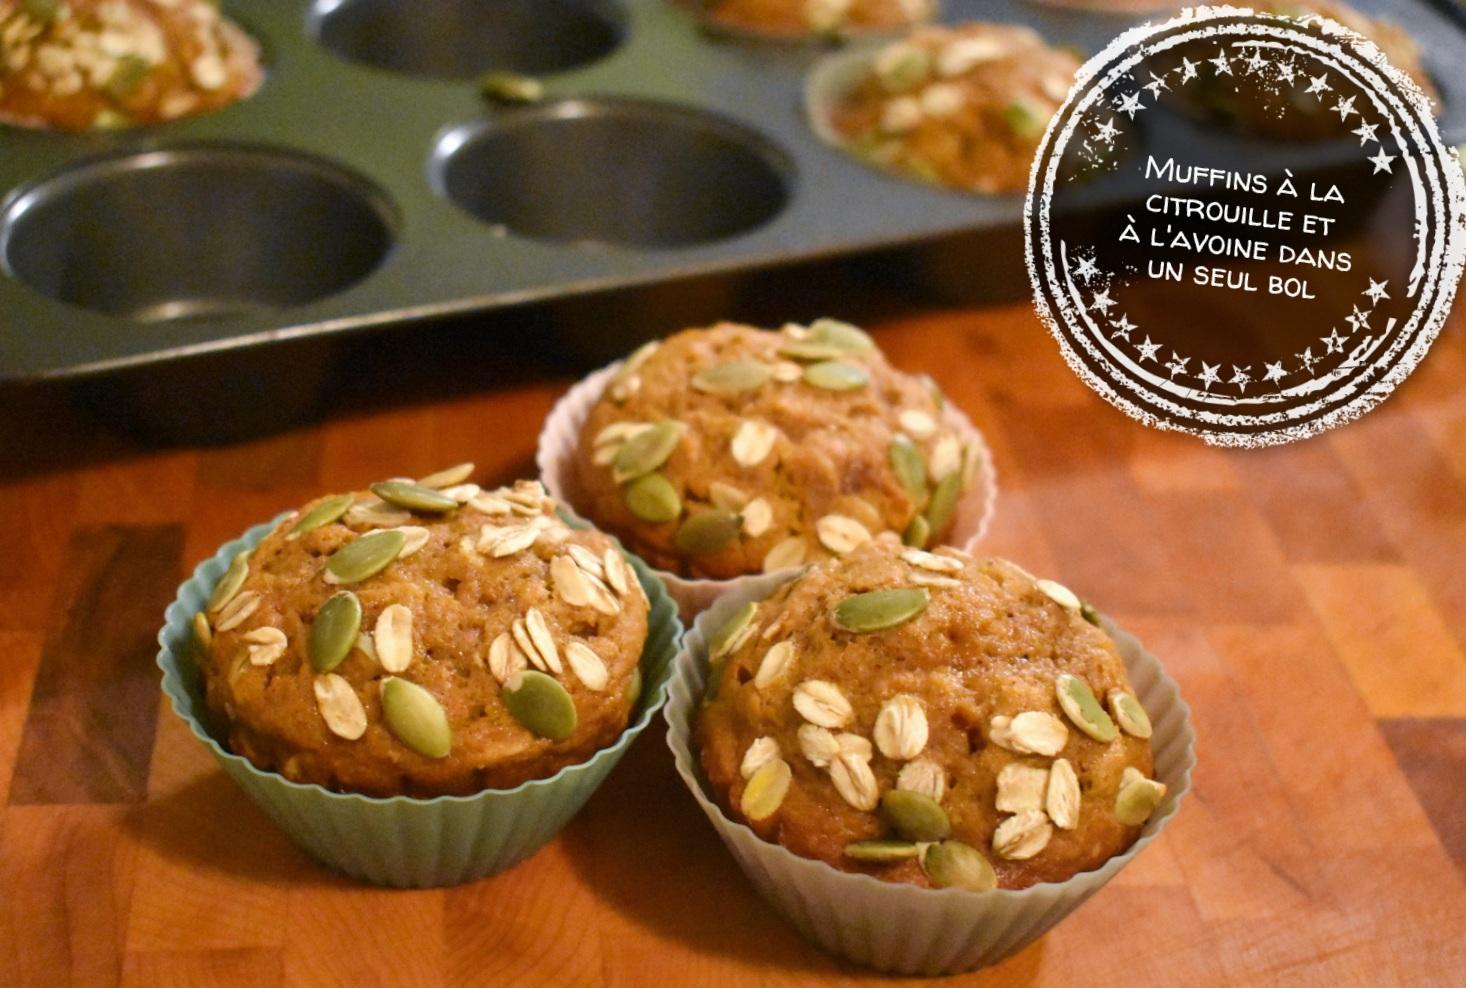 Muffins à la citrouille et à l'avoine dans un seul bol - Auboutdelalangue.com (7)